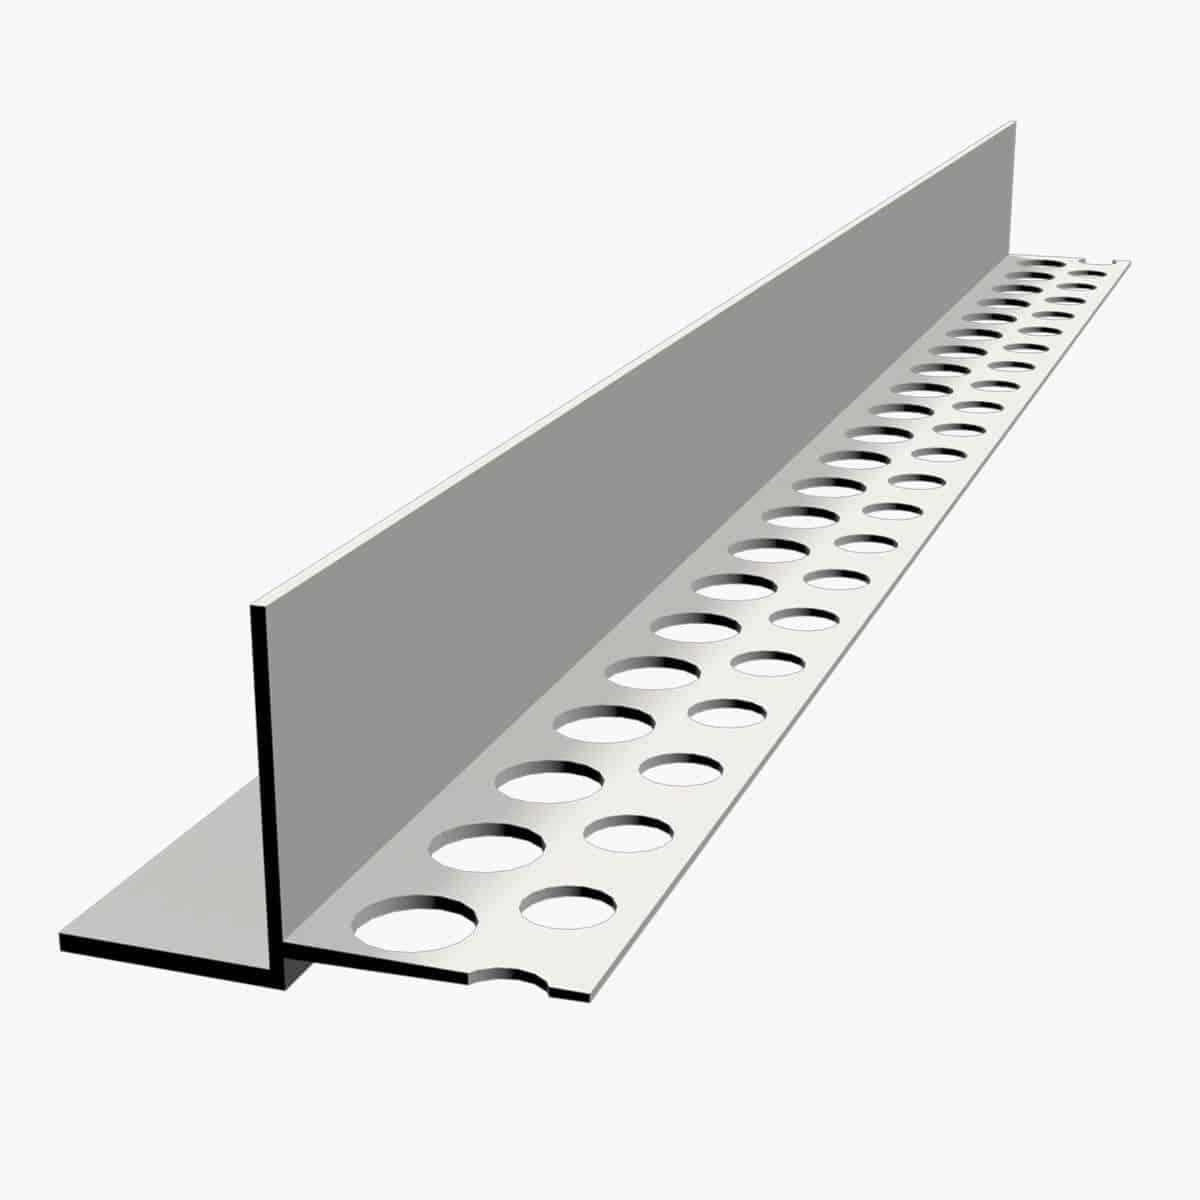 TEMPOLISTEL B105 Profilé de transition pour jonction faux plafond plaque de plâtre et démontable avec un coté à enduire